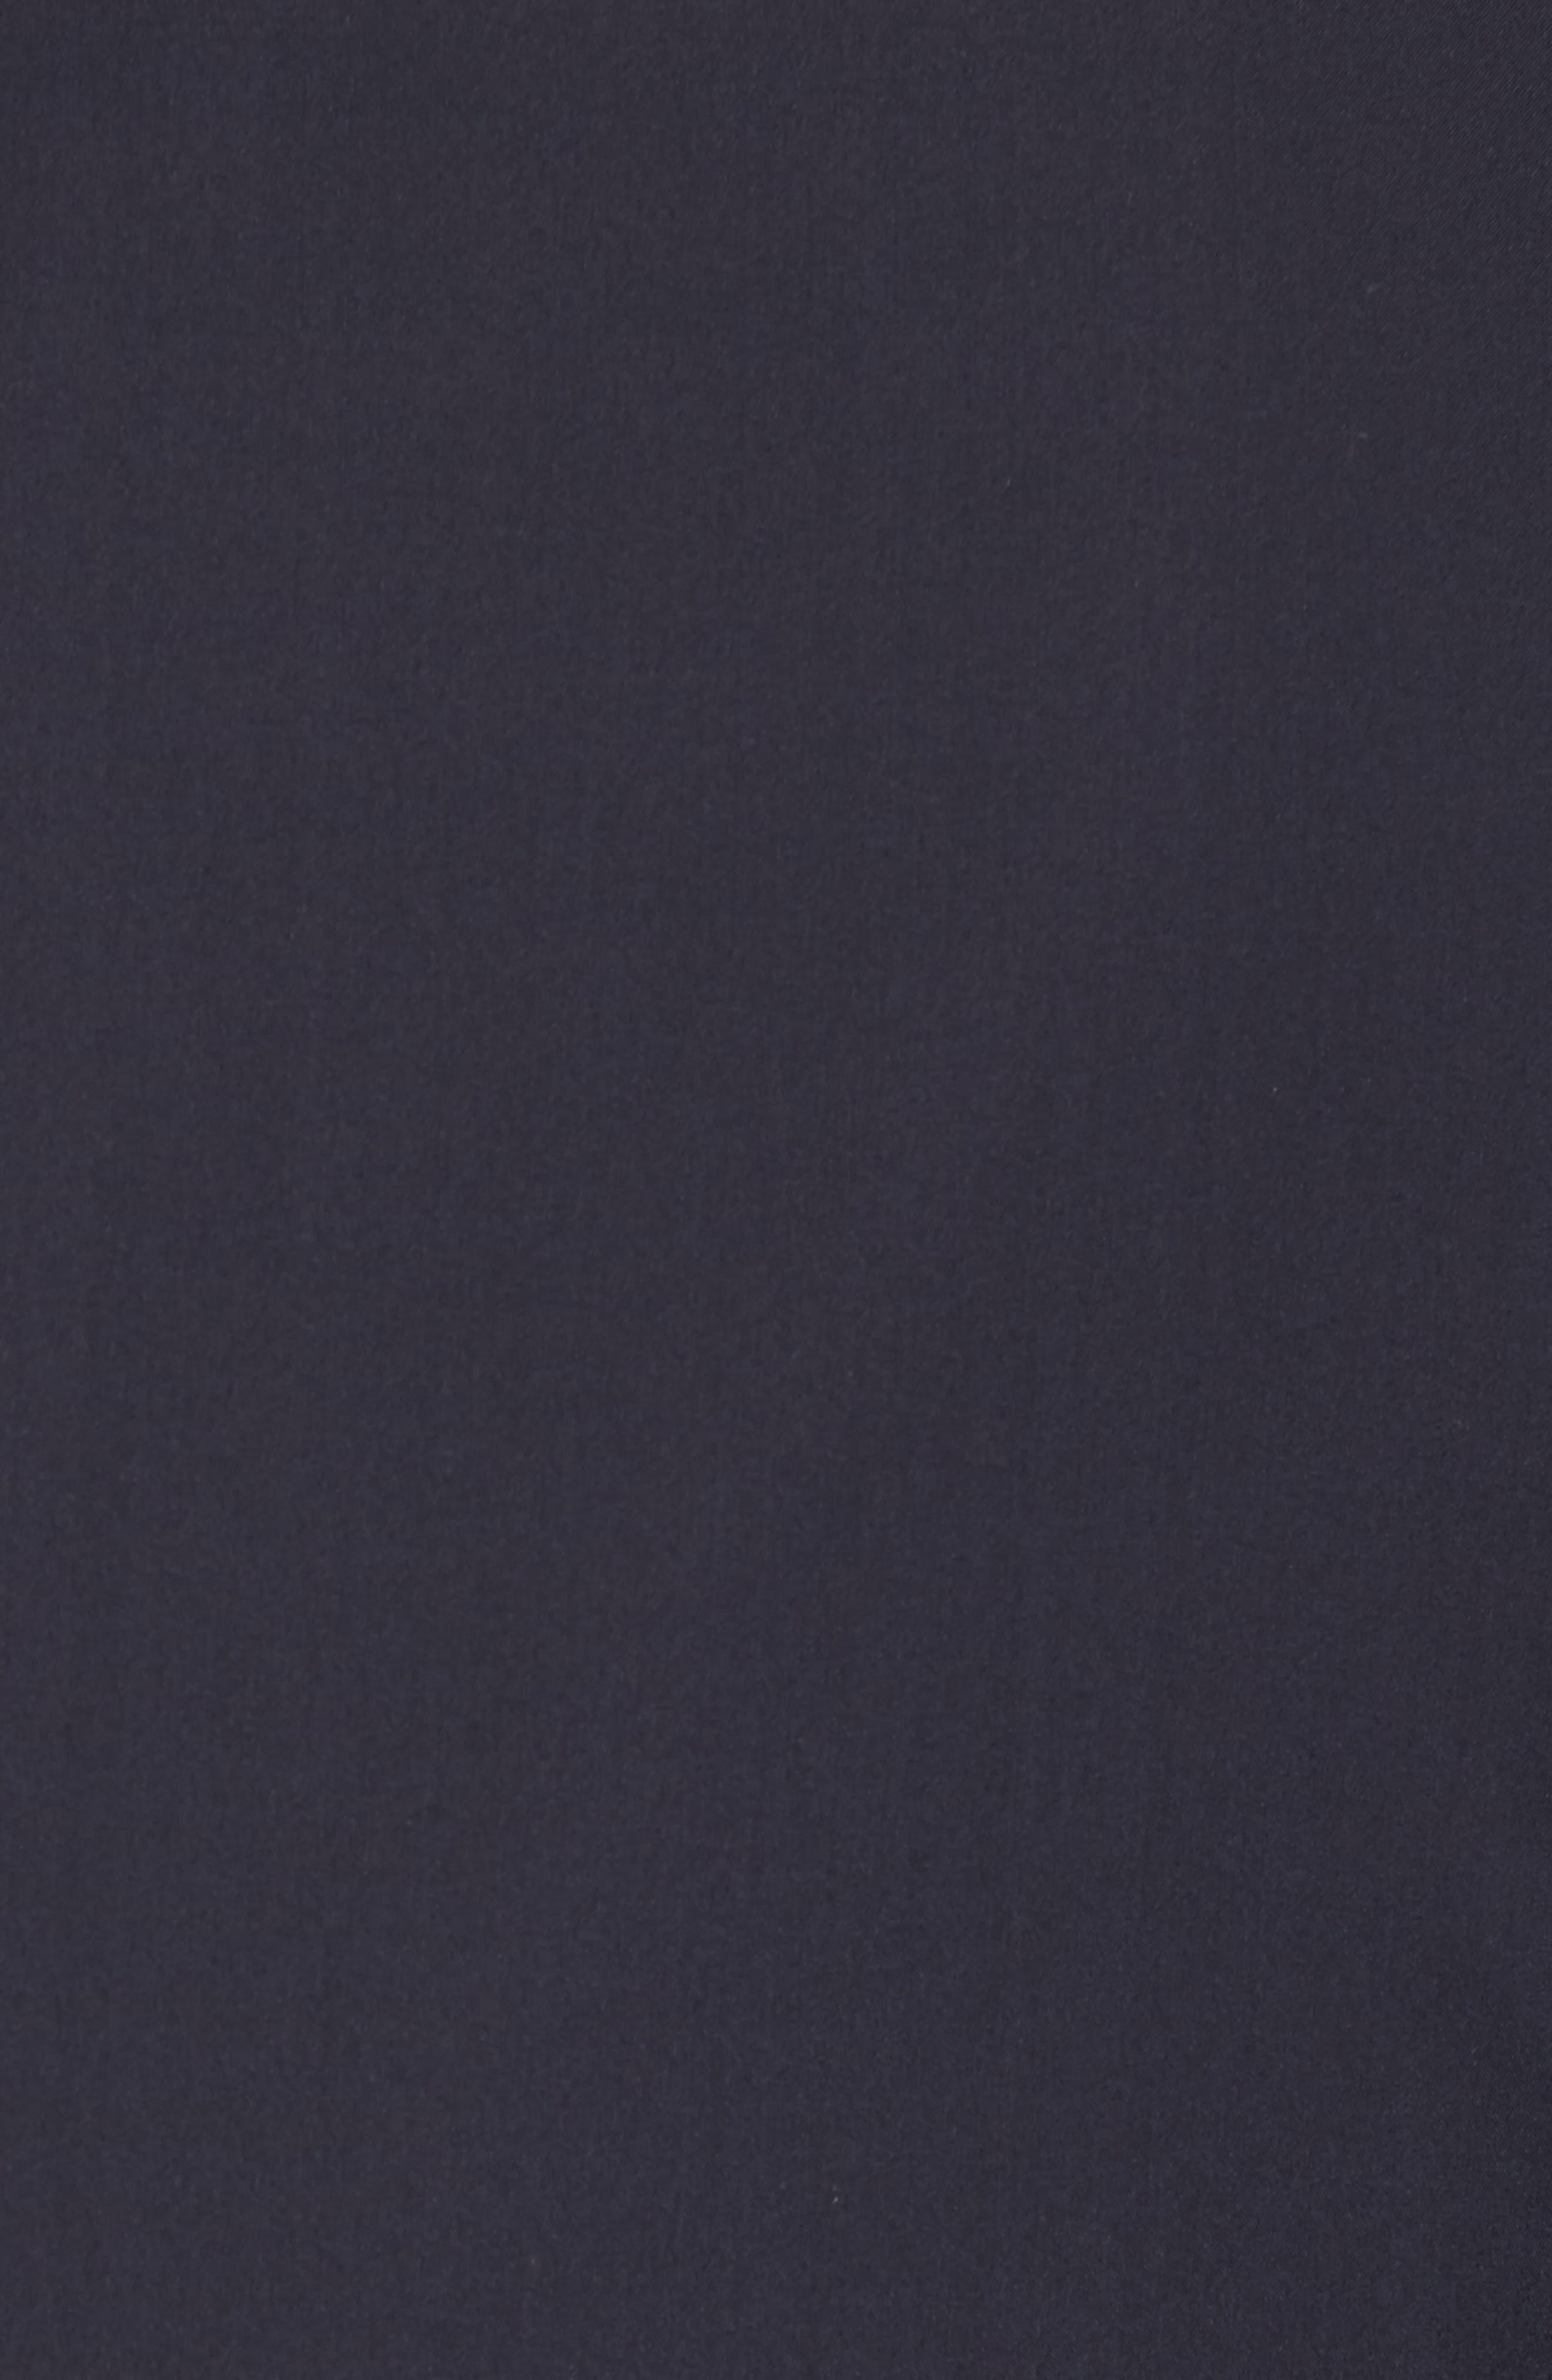 Trim Fit Water-Resistant Silk Topcoat,                             Alternate thumbnail 6, color,                             410